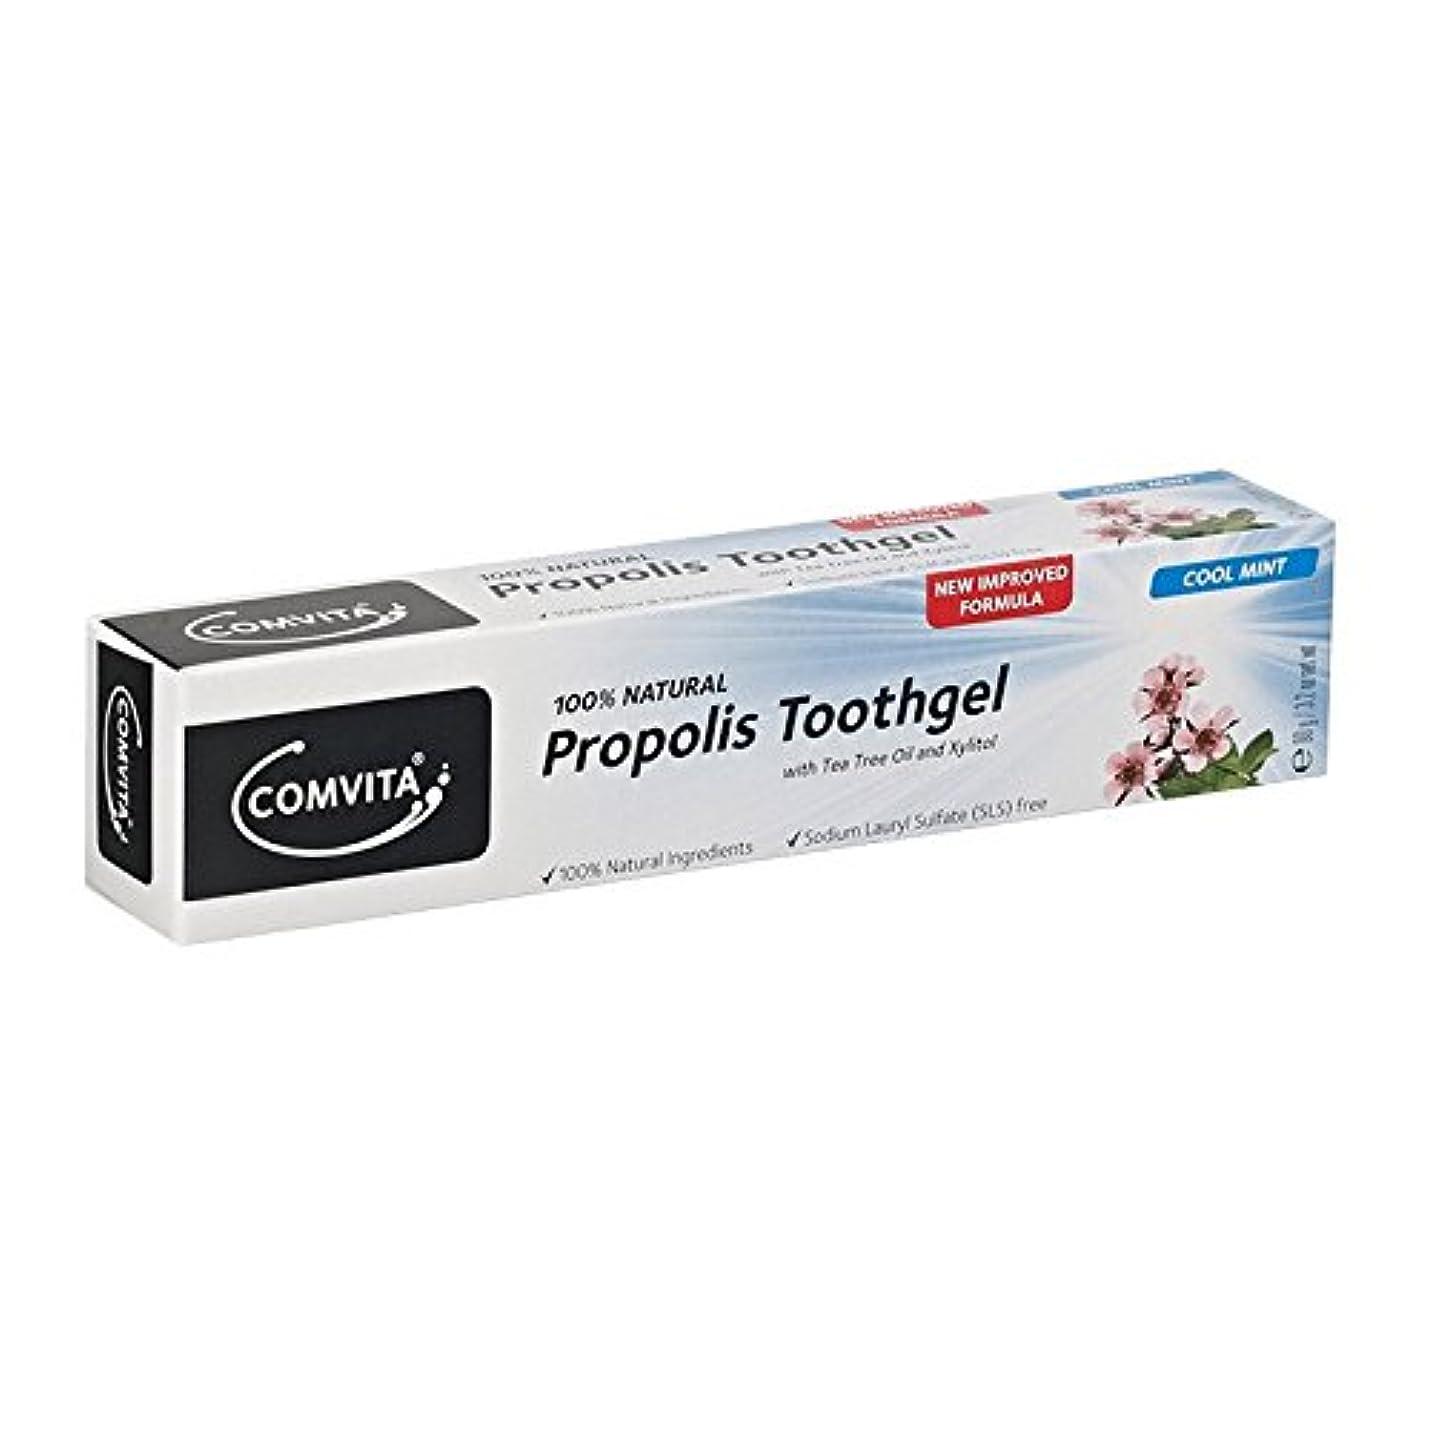 苦味補正ライオンComvita 100 Natural Propolis Toothgel (Pack of 6) - コンビタ100天然プロポリスToothgel (x6) [並行輸入品]